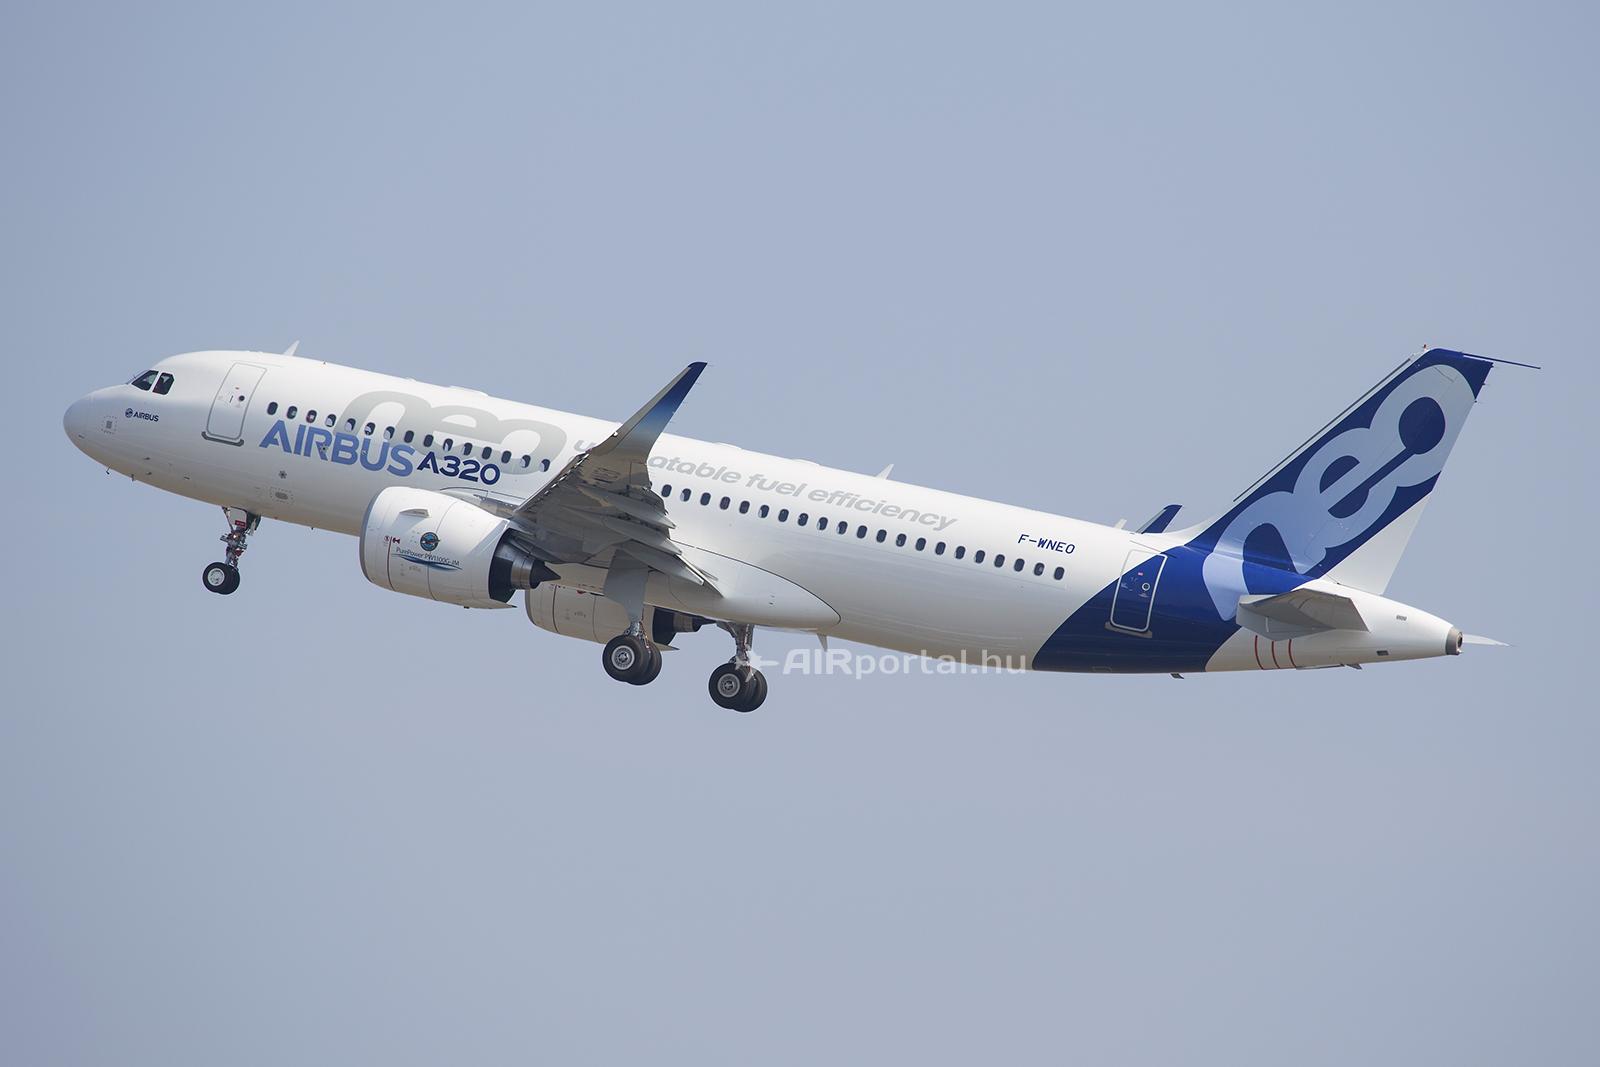 Fotó a prototípus első felszállásáról. (Fotó: AIRportal.hu) | © AIRportal.hu